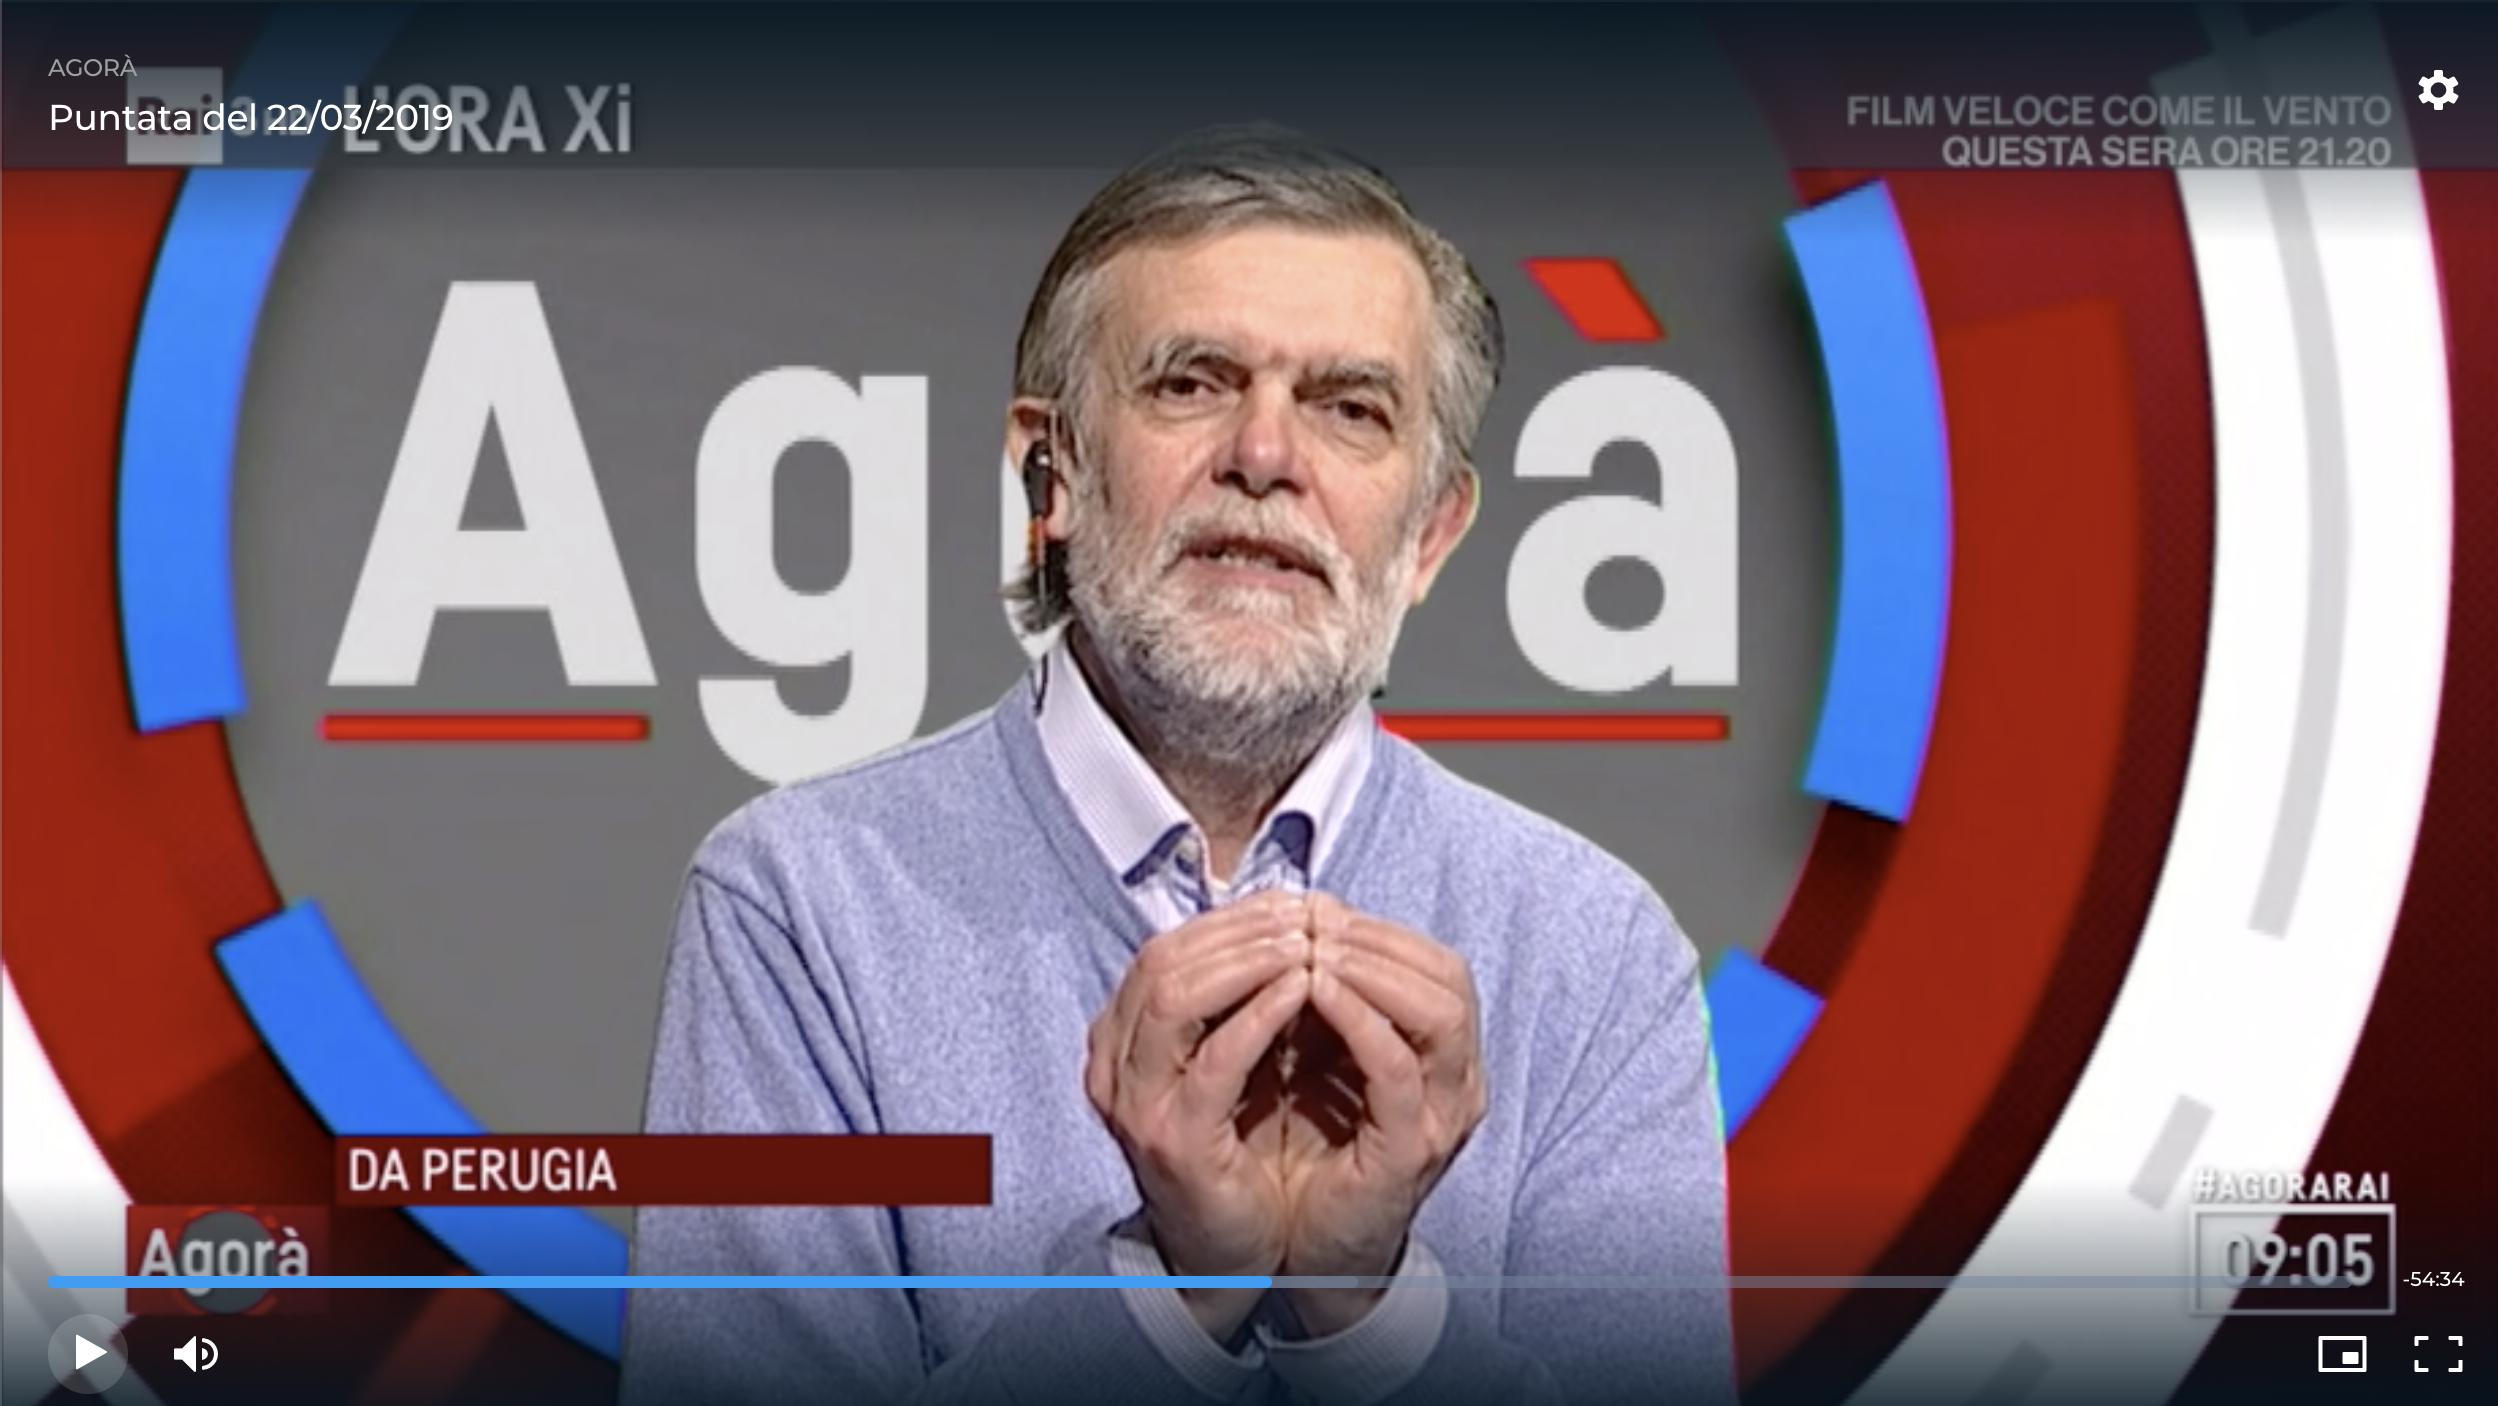 Jacopo Fo: buone notizie, ecologia, politica | Tutto quello che gli altri non ti raccontano